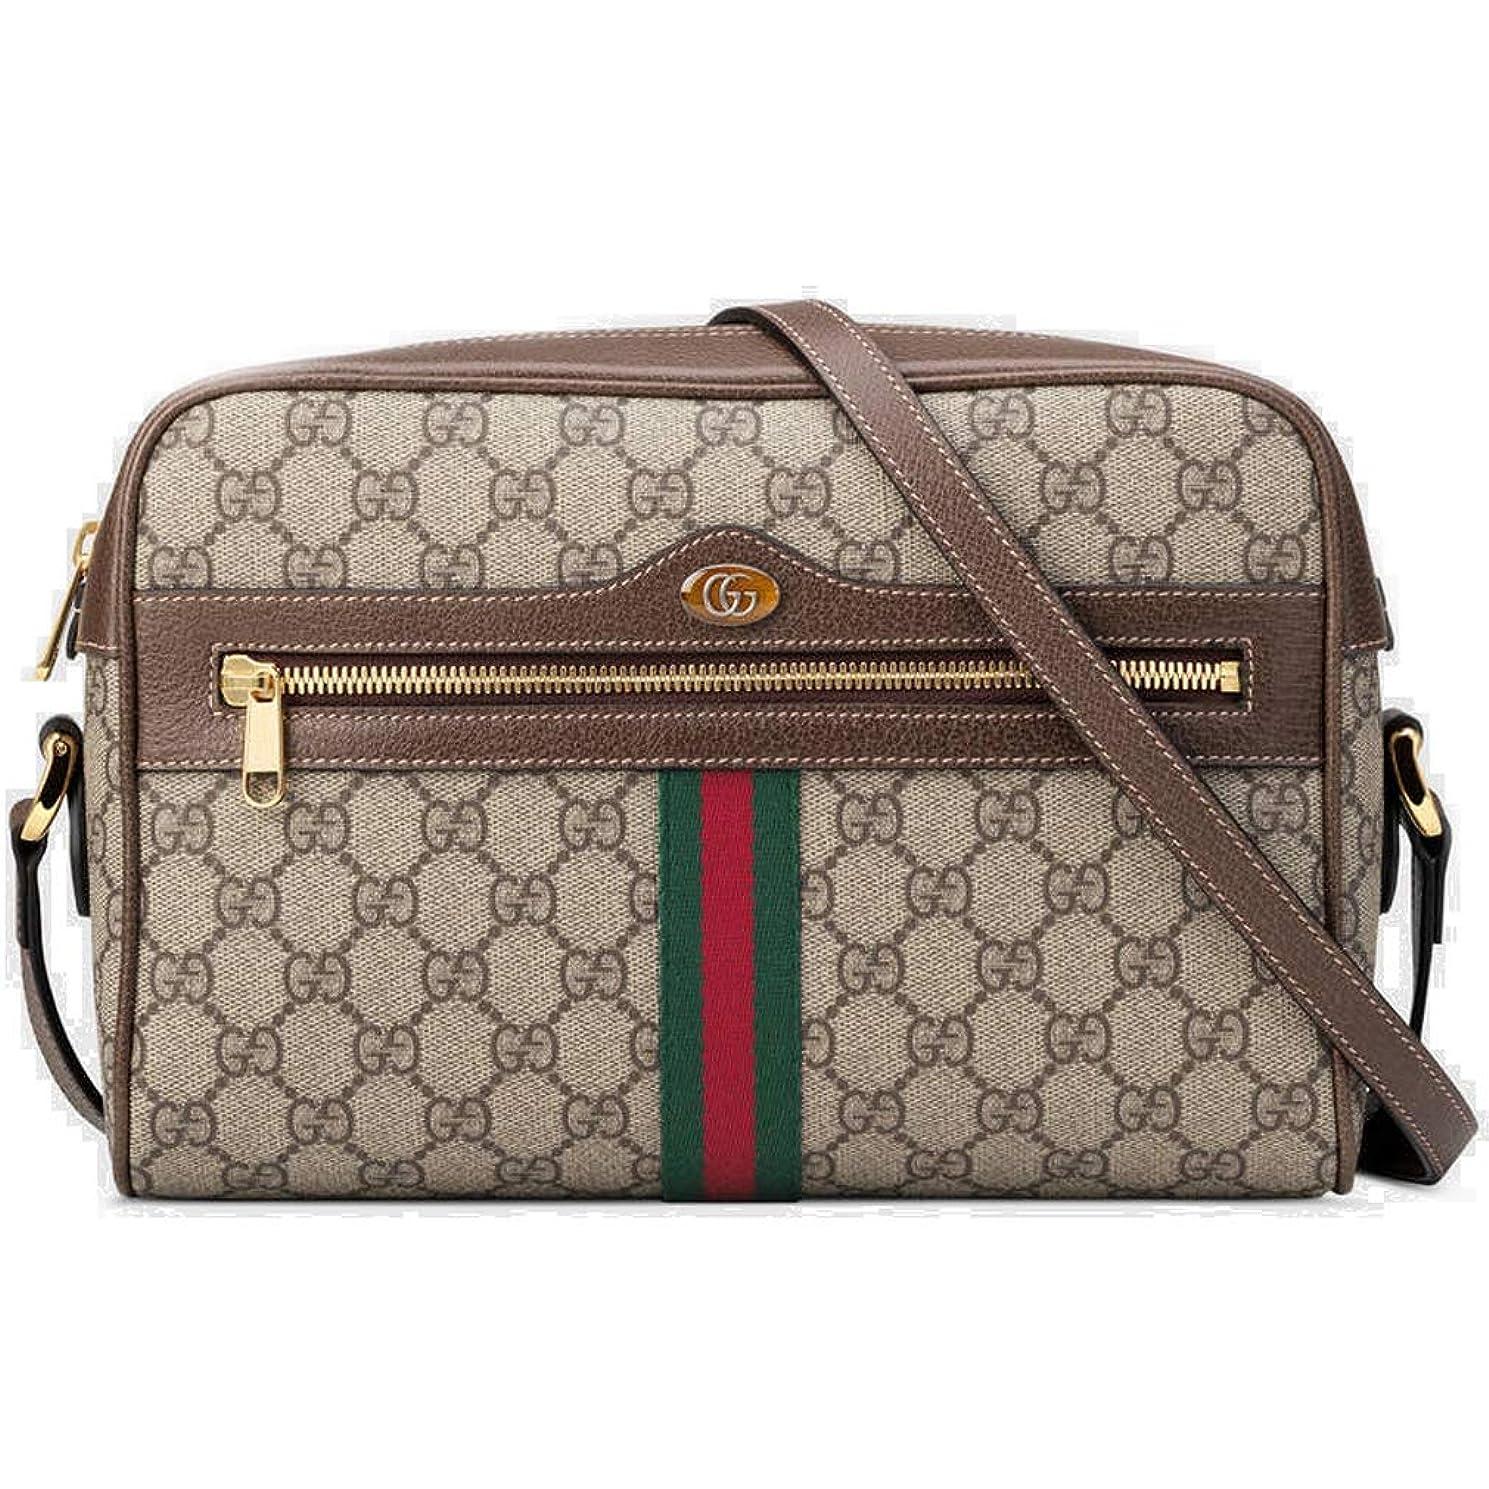 硬さバンド名門Authentic Louis Vuitton EpiレザーツイストMMハンドバッグArticle : m51060インディゴMade in France